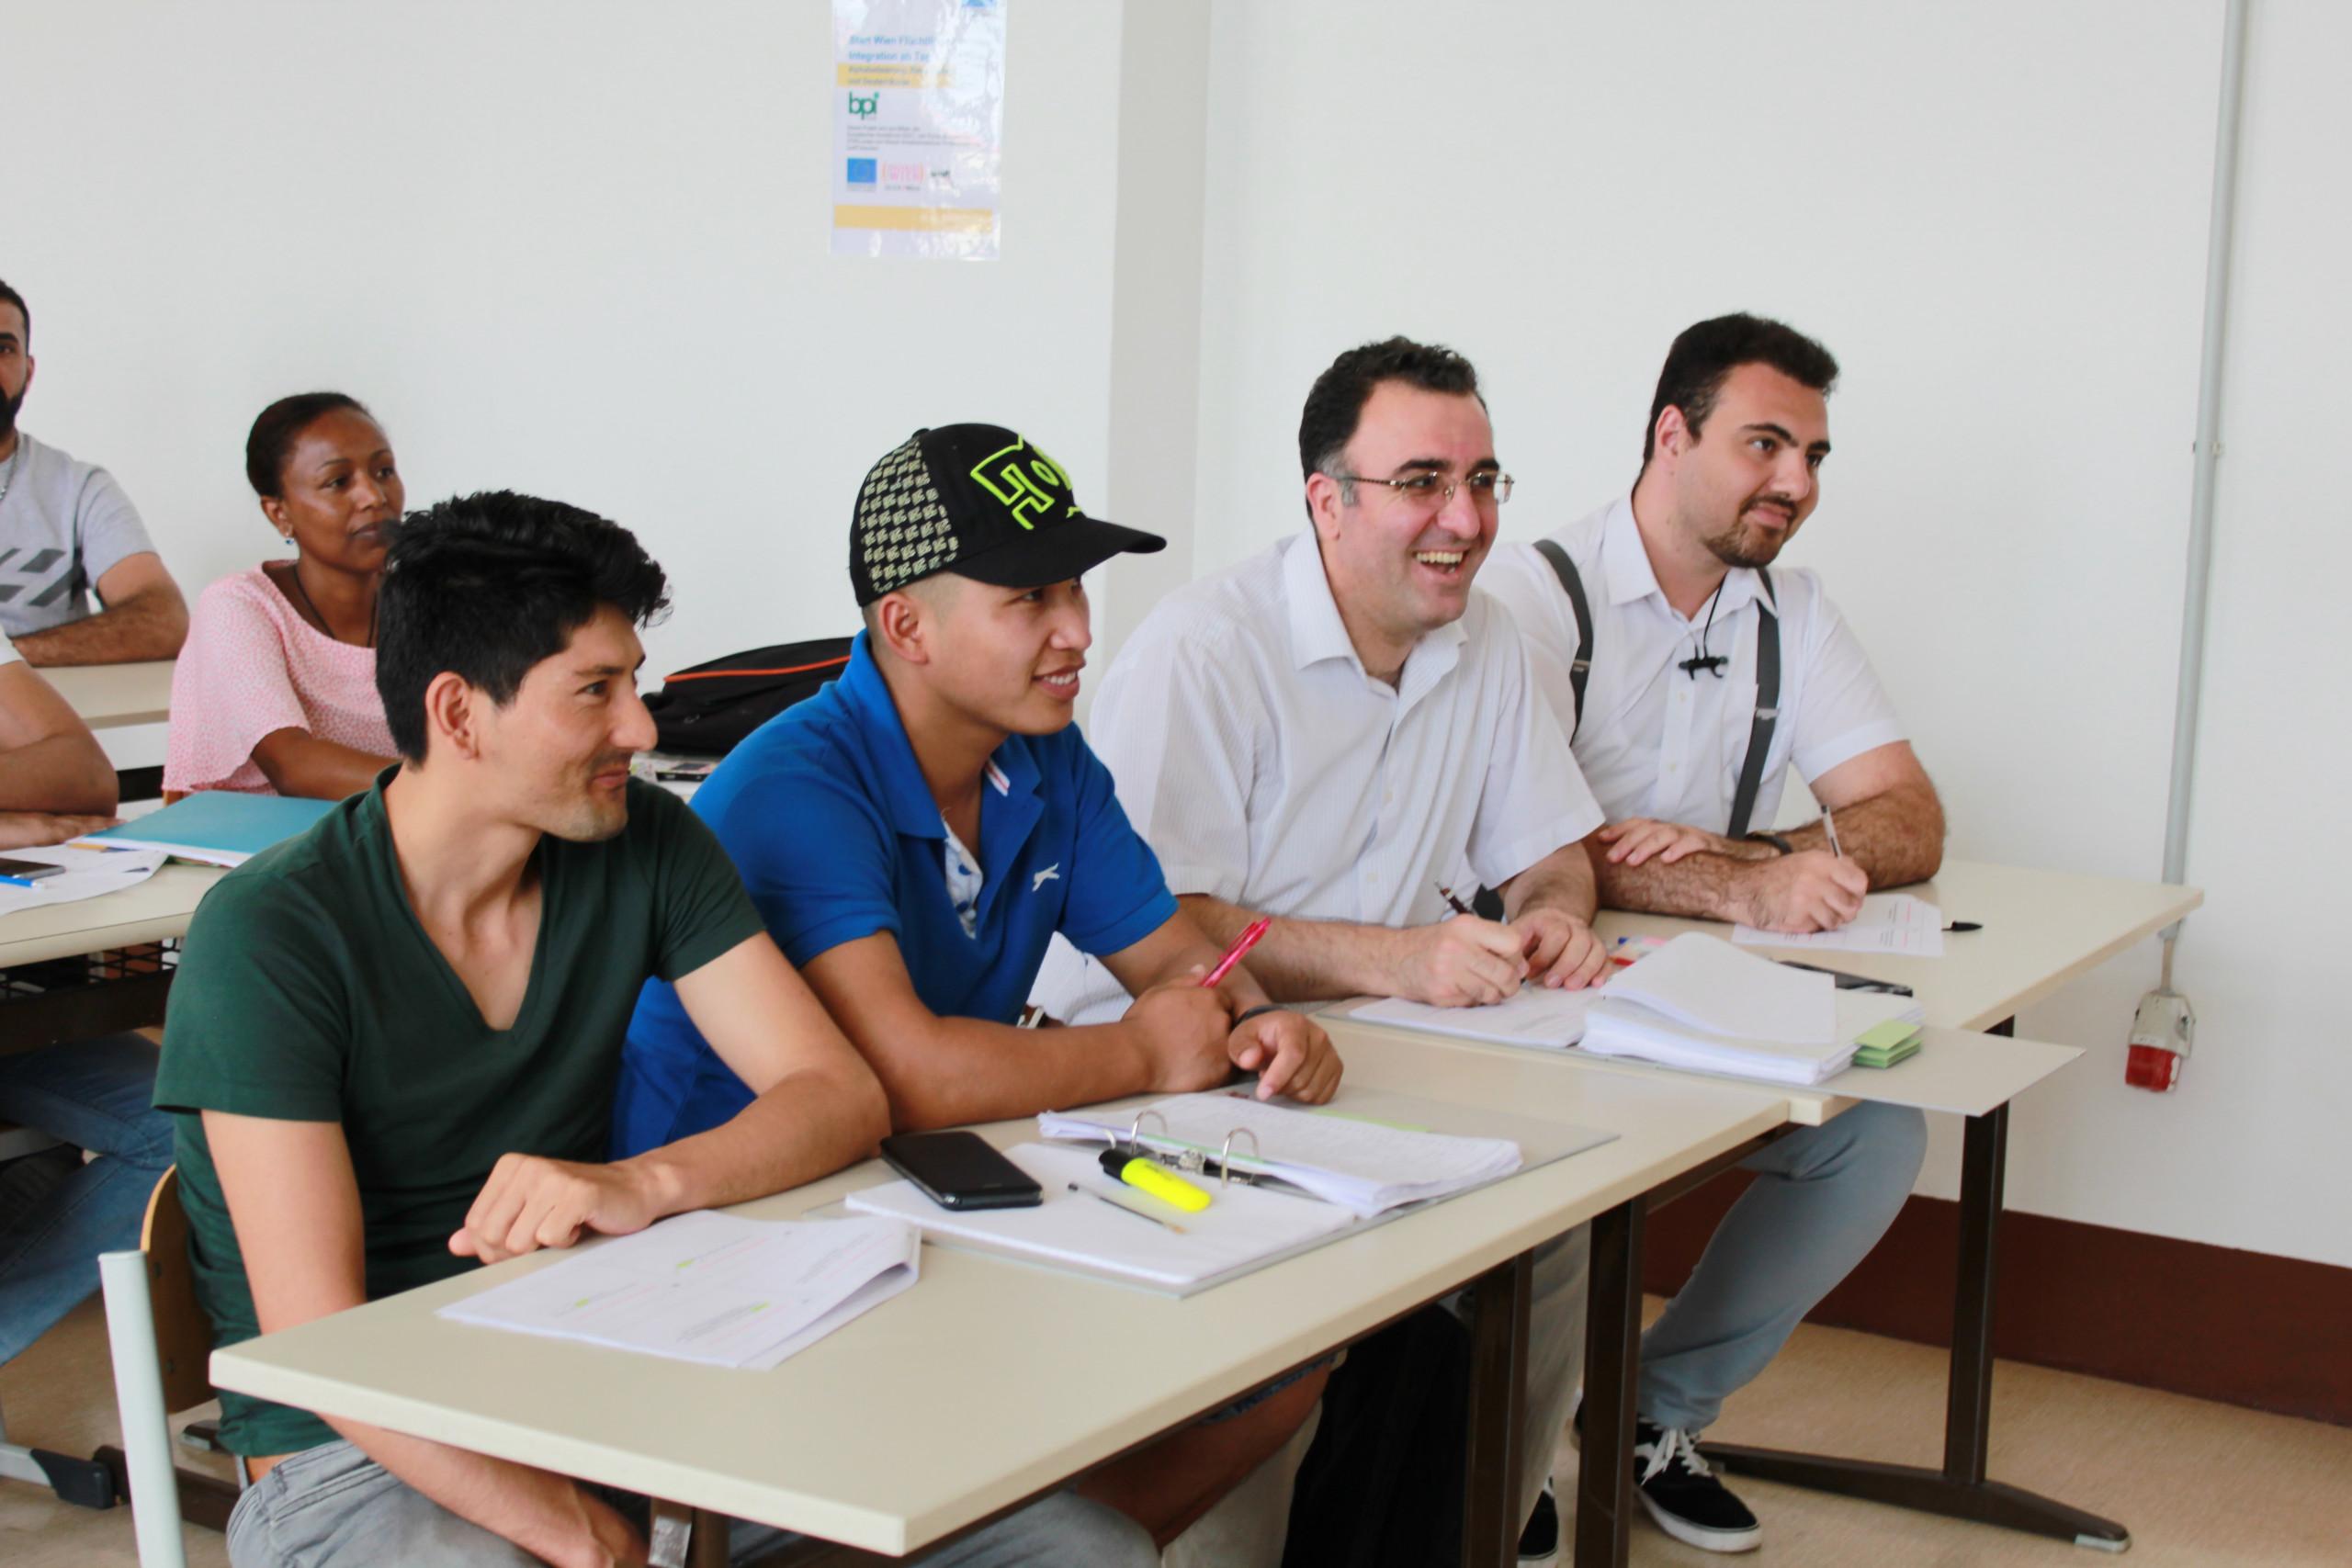 Language course participants.